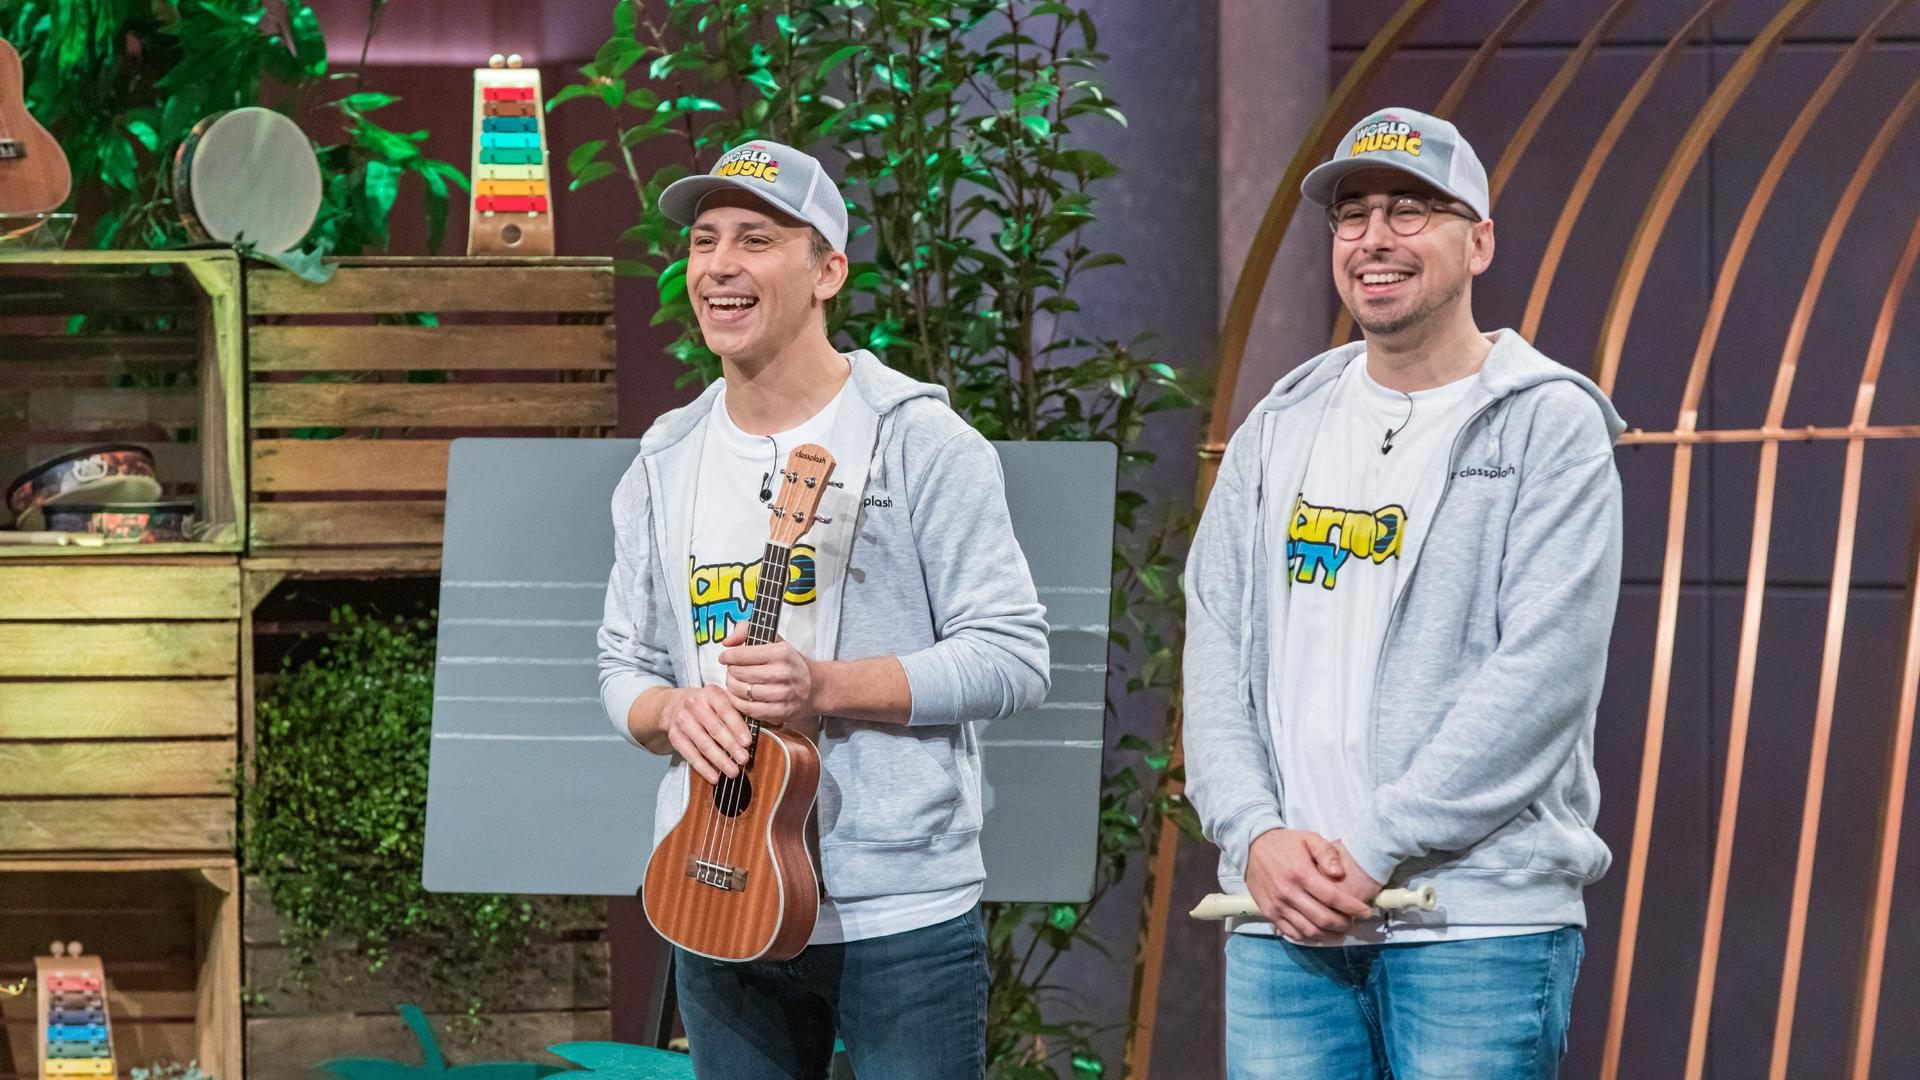 Zwei Männer mit Caps